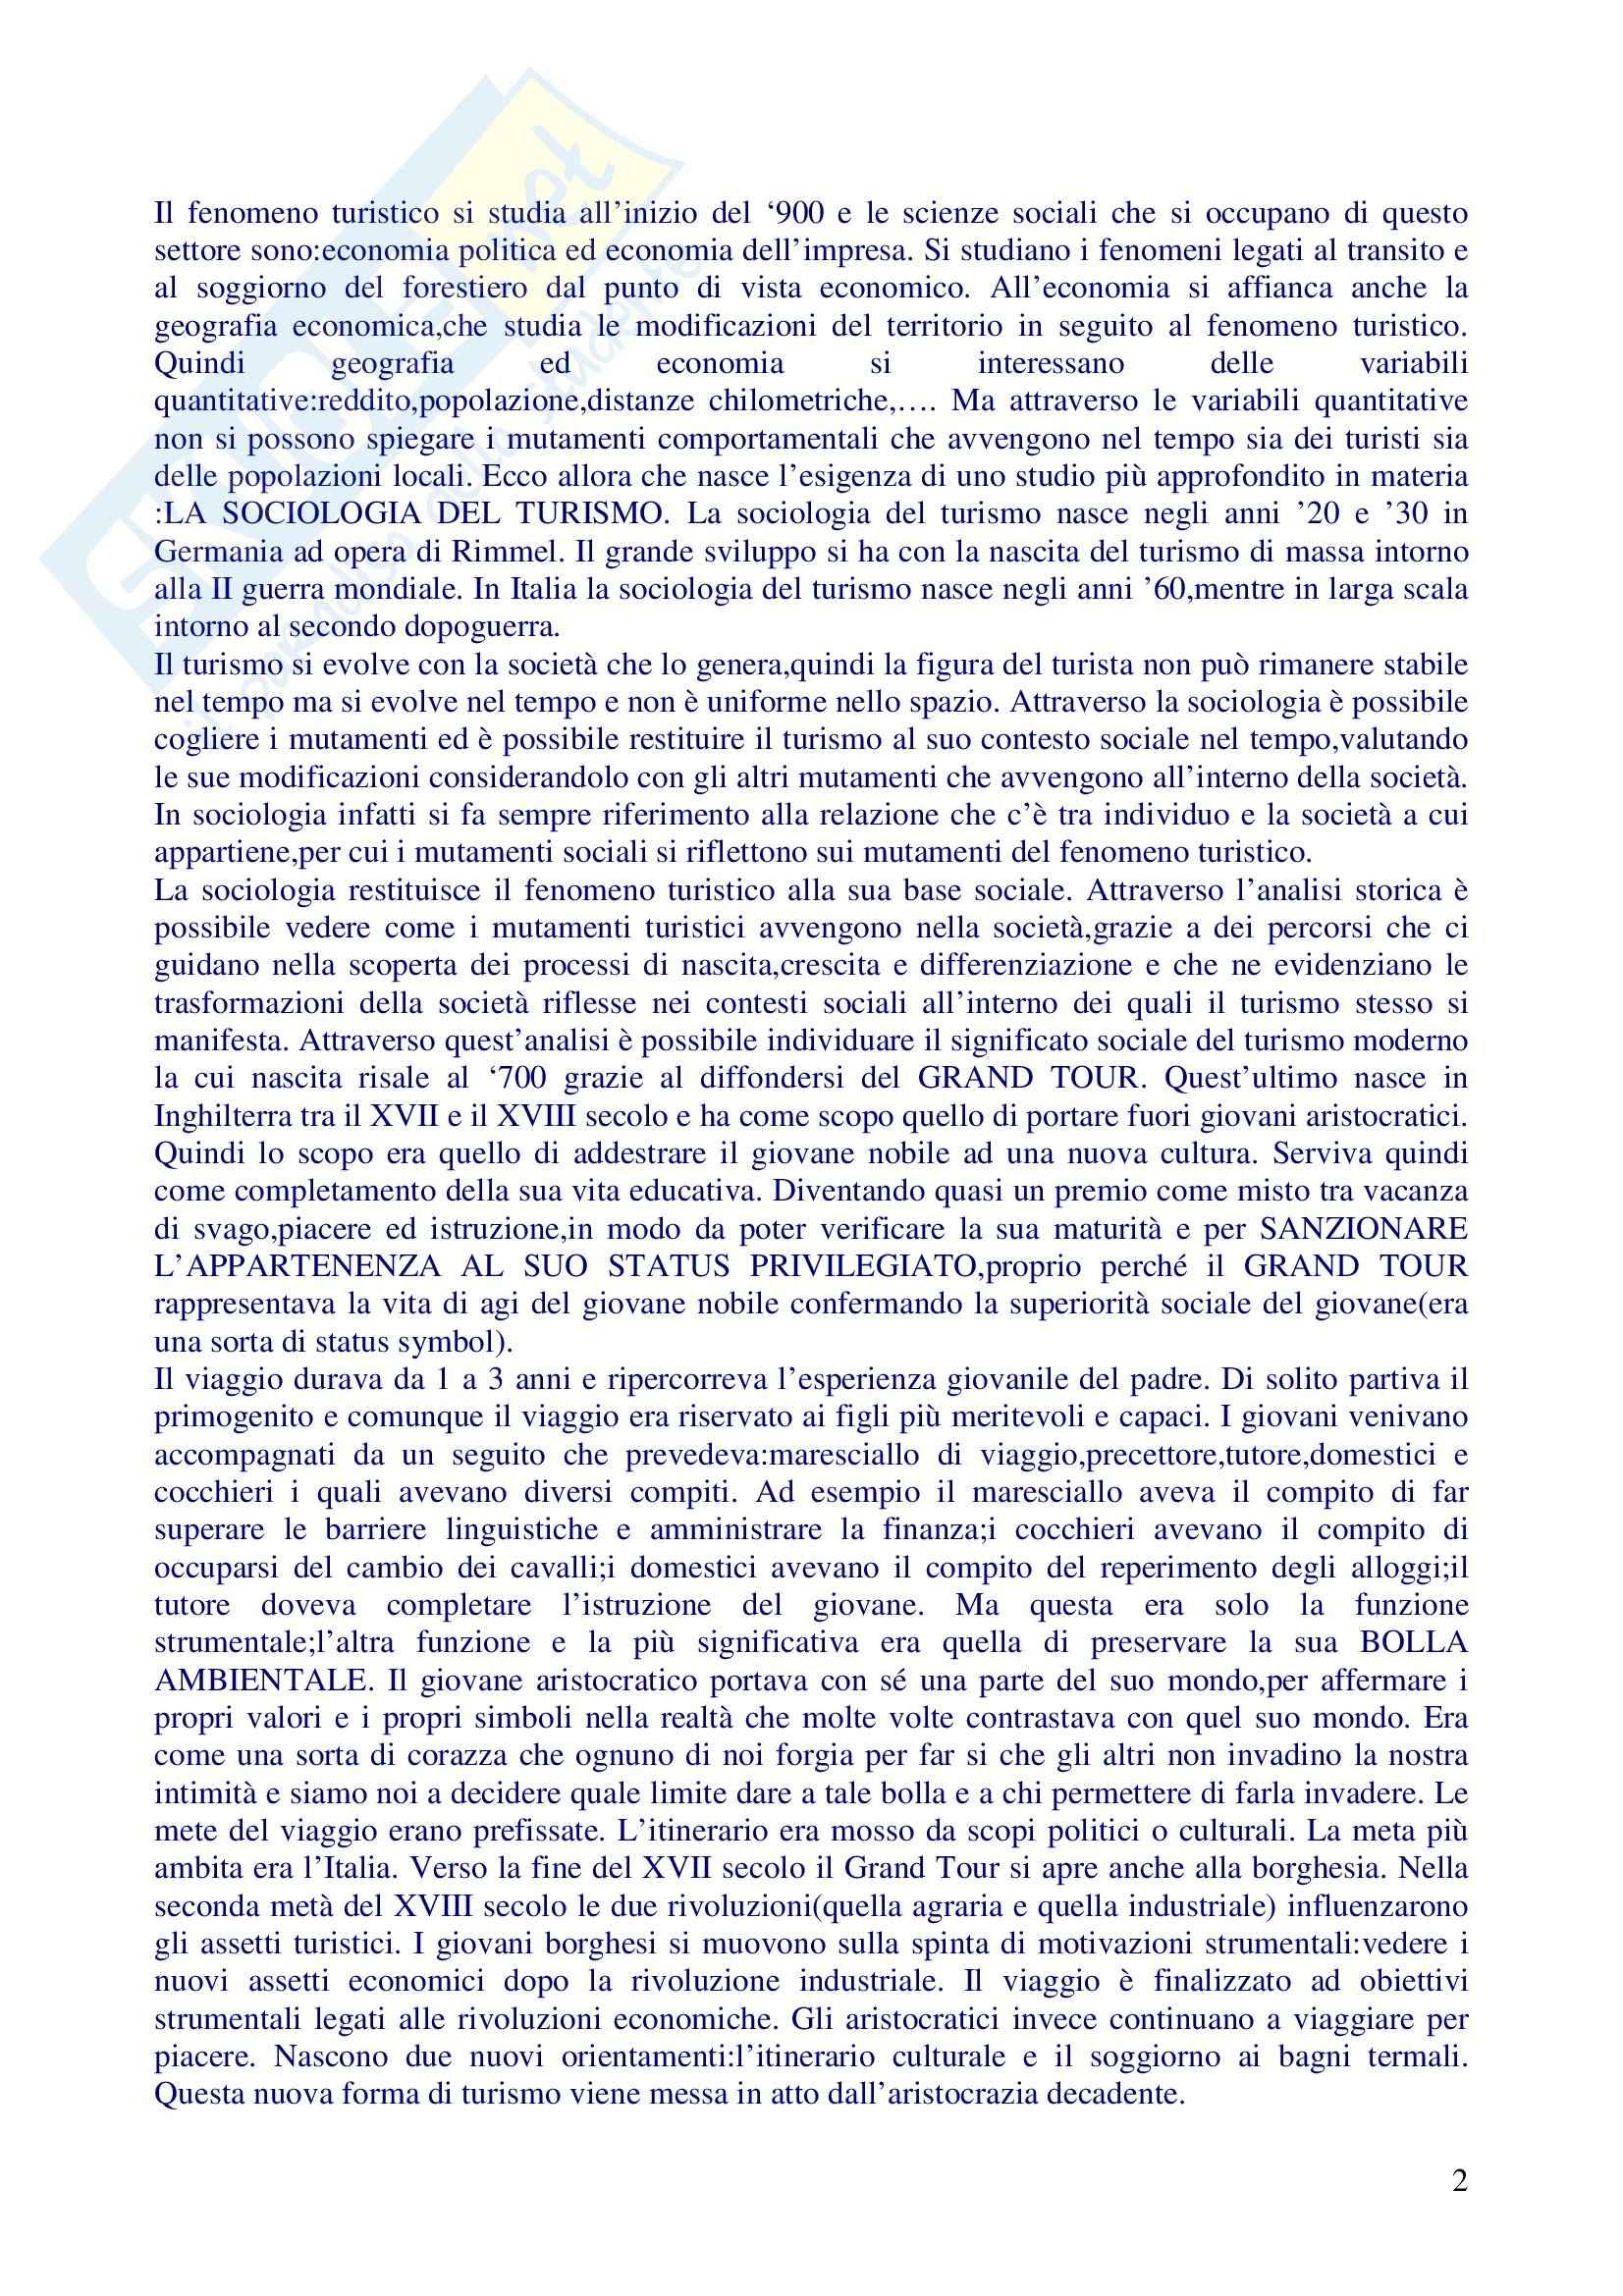 Sociologia del turismo - analisi del fenomeno turistico Pag. 2